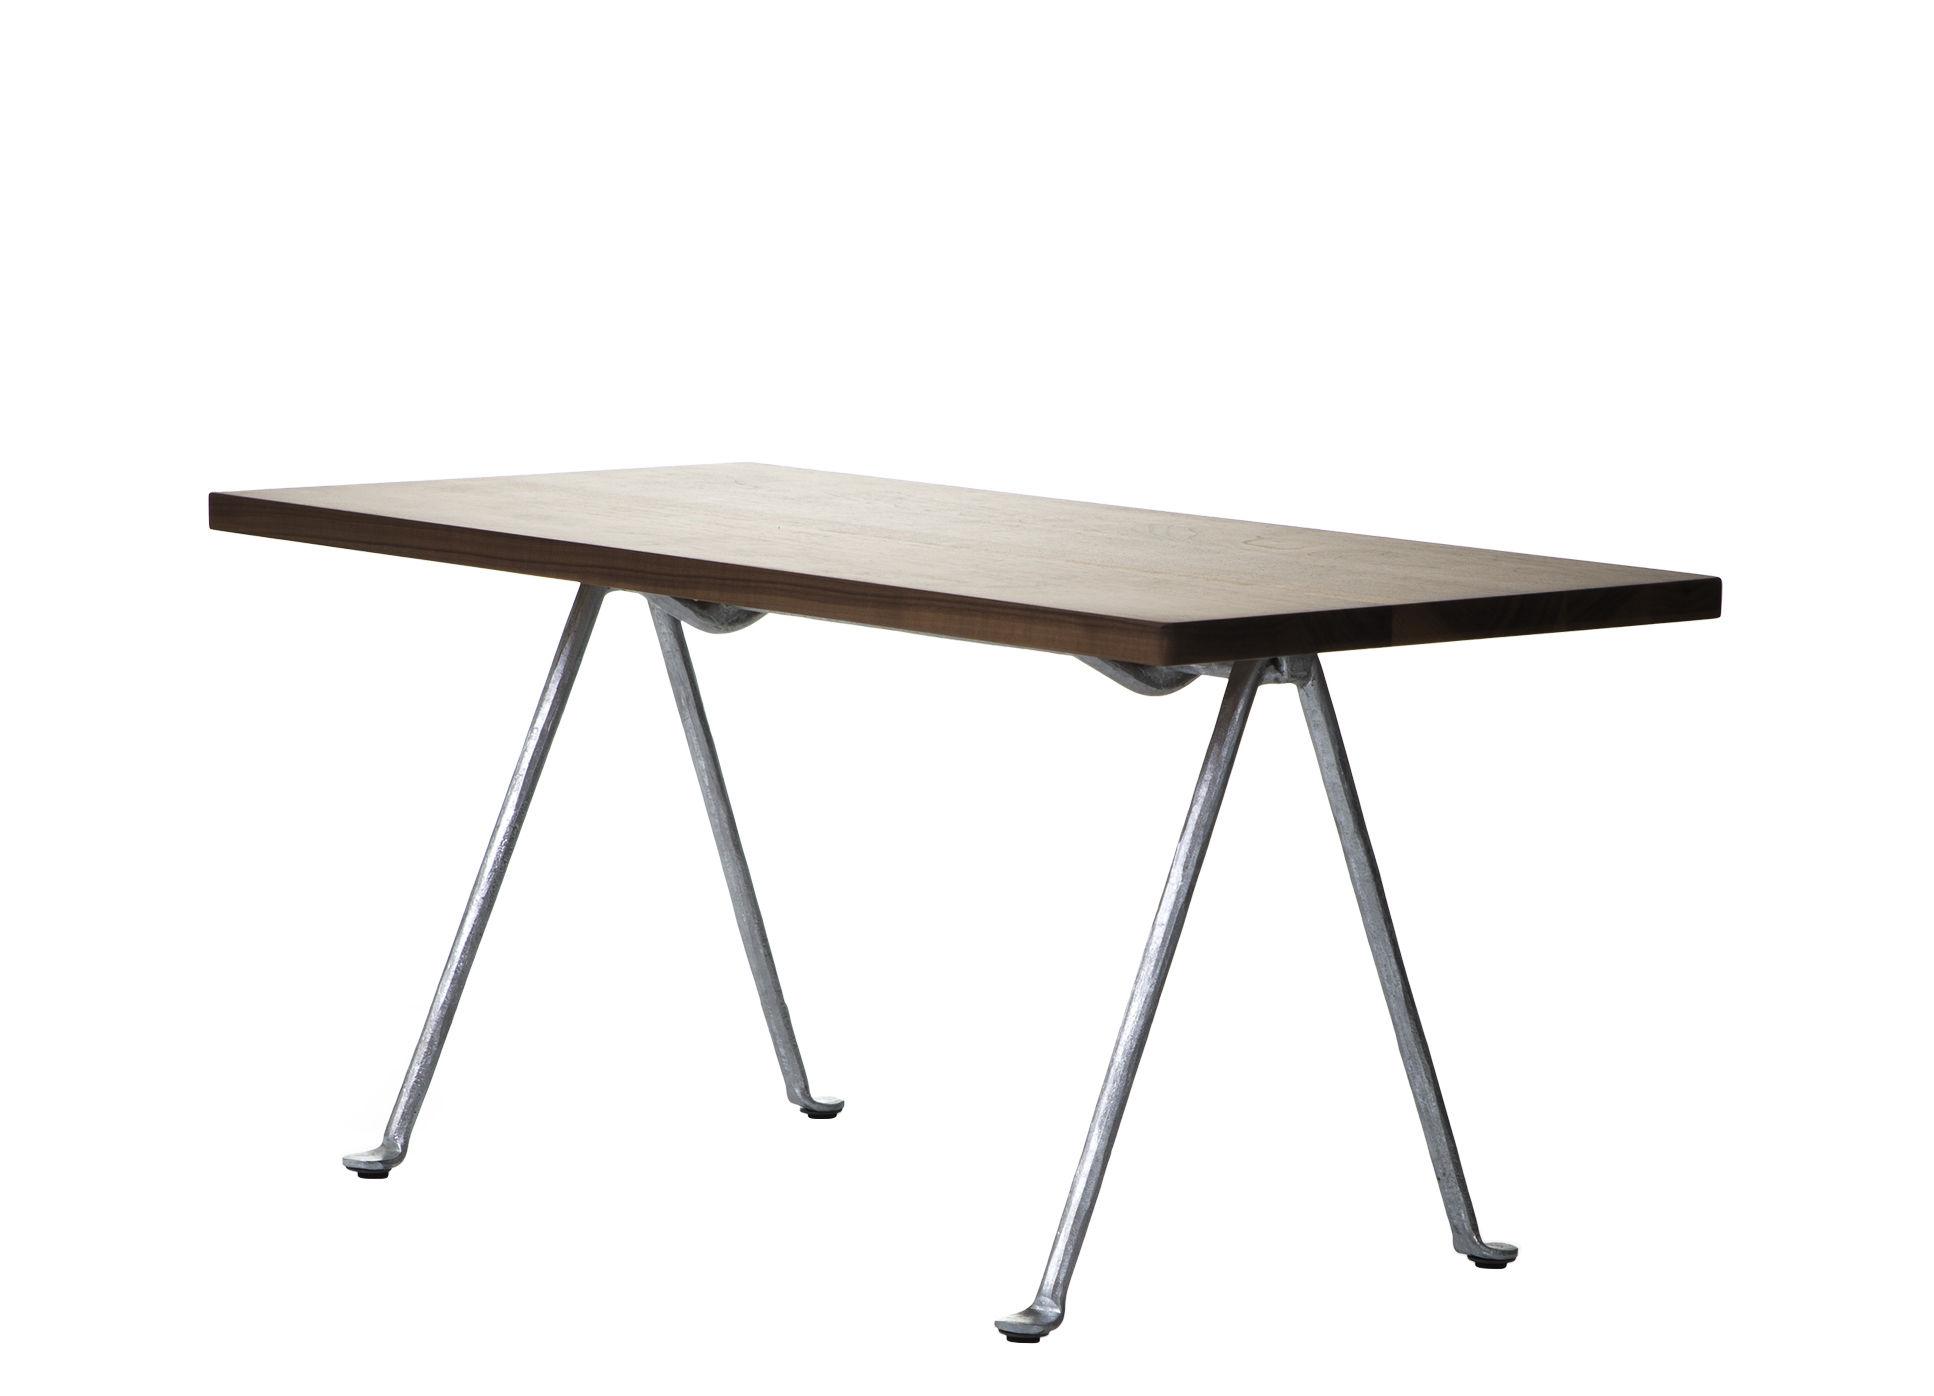 Möbel - Couchtische - Officina Couchtisch / 120 x 45 cm - Nussbaum & Schmiedeeisen - Magis - Nussbaum / Fußgestell verzinkt - Massive amerikanische Walnuss, Verzinktes Schmiedeeisen